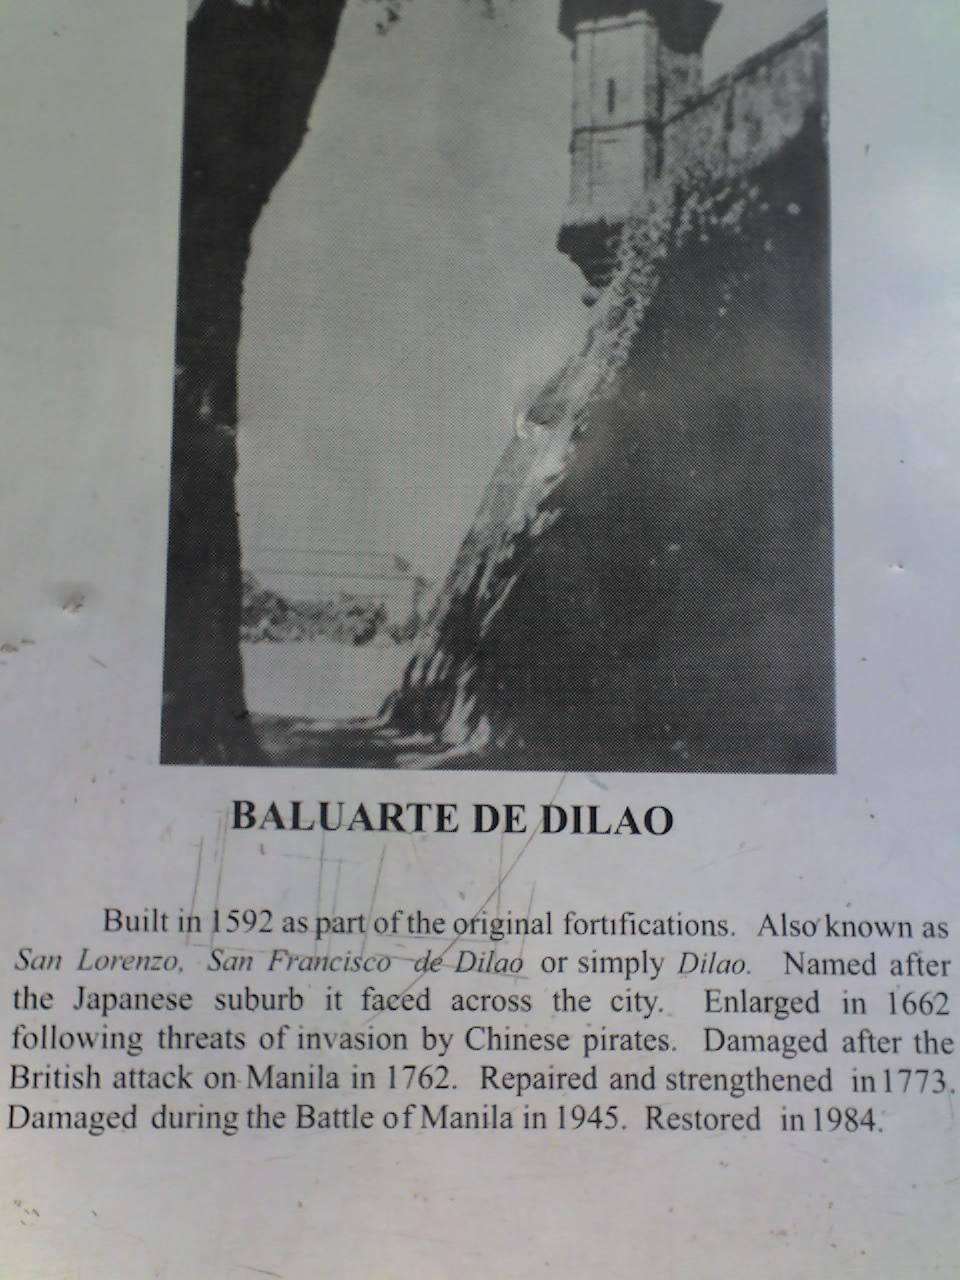 BALUARTE DE DILÁO